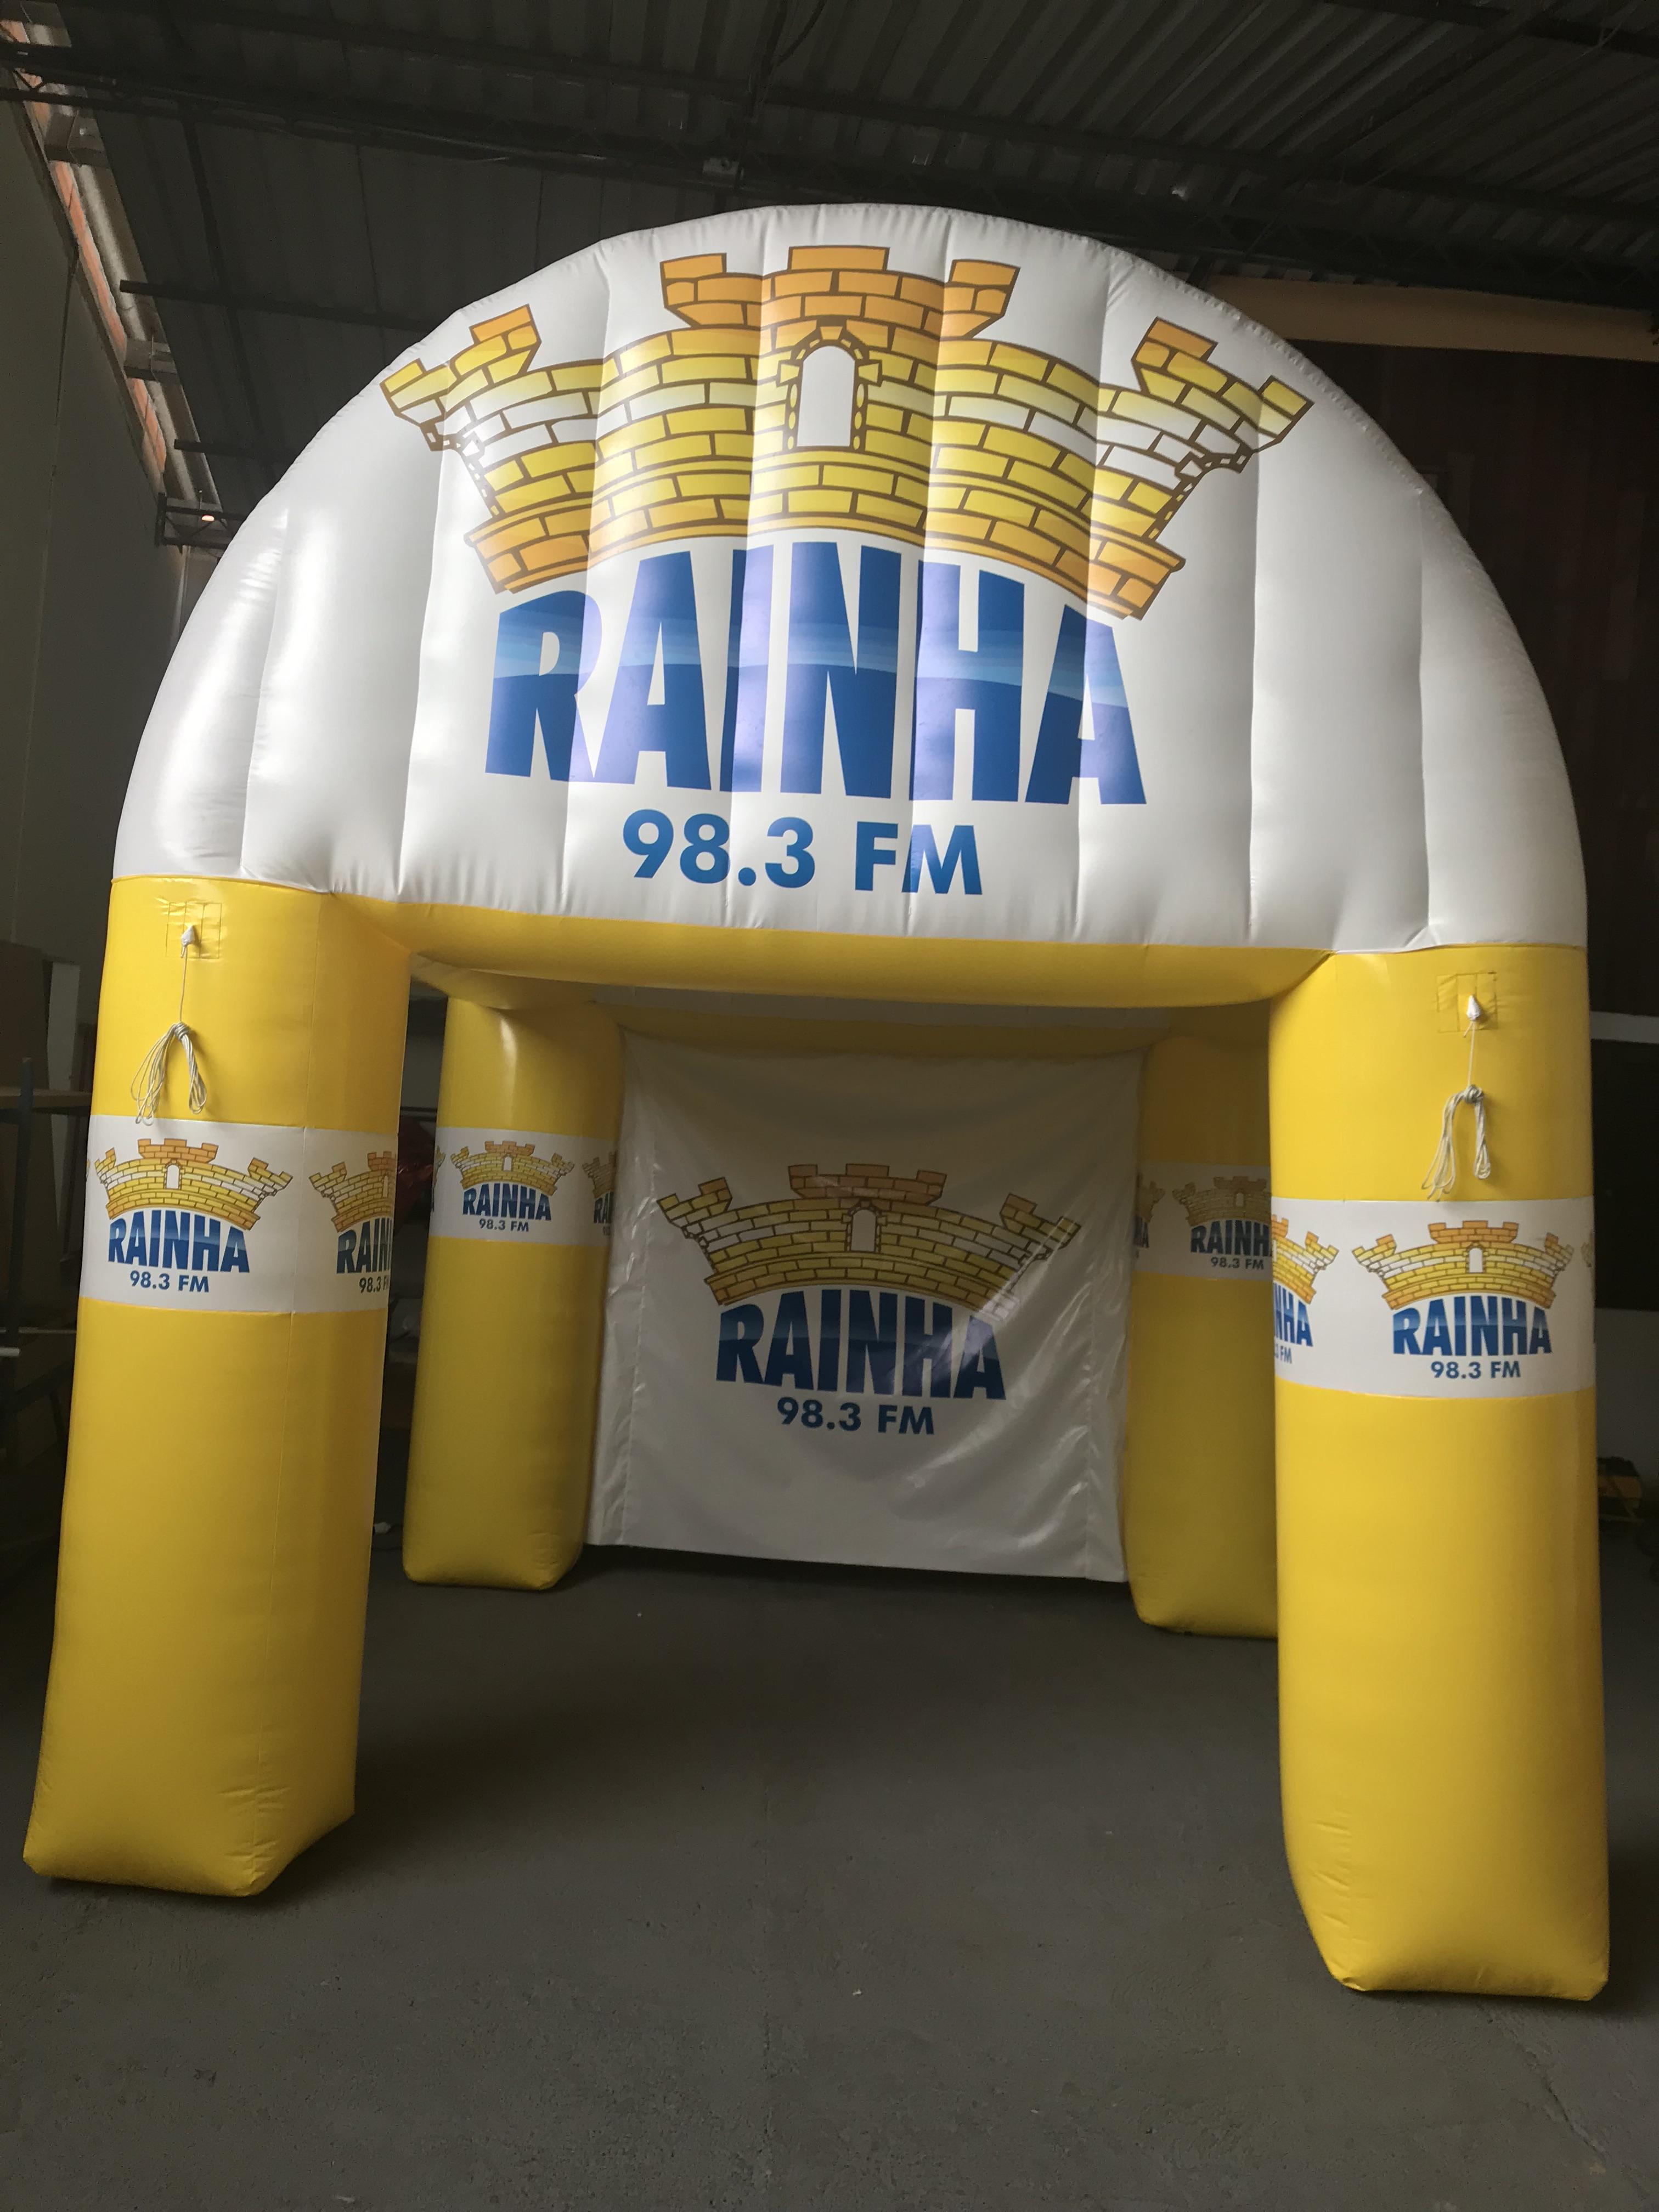 RAINHA FM 98,3